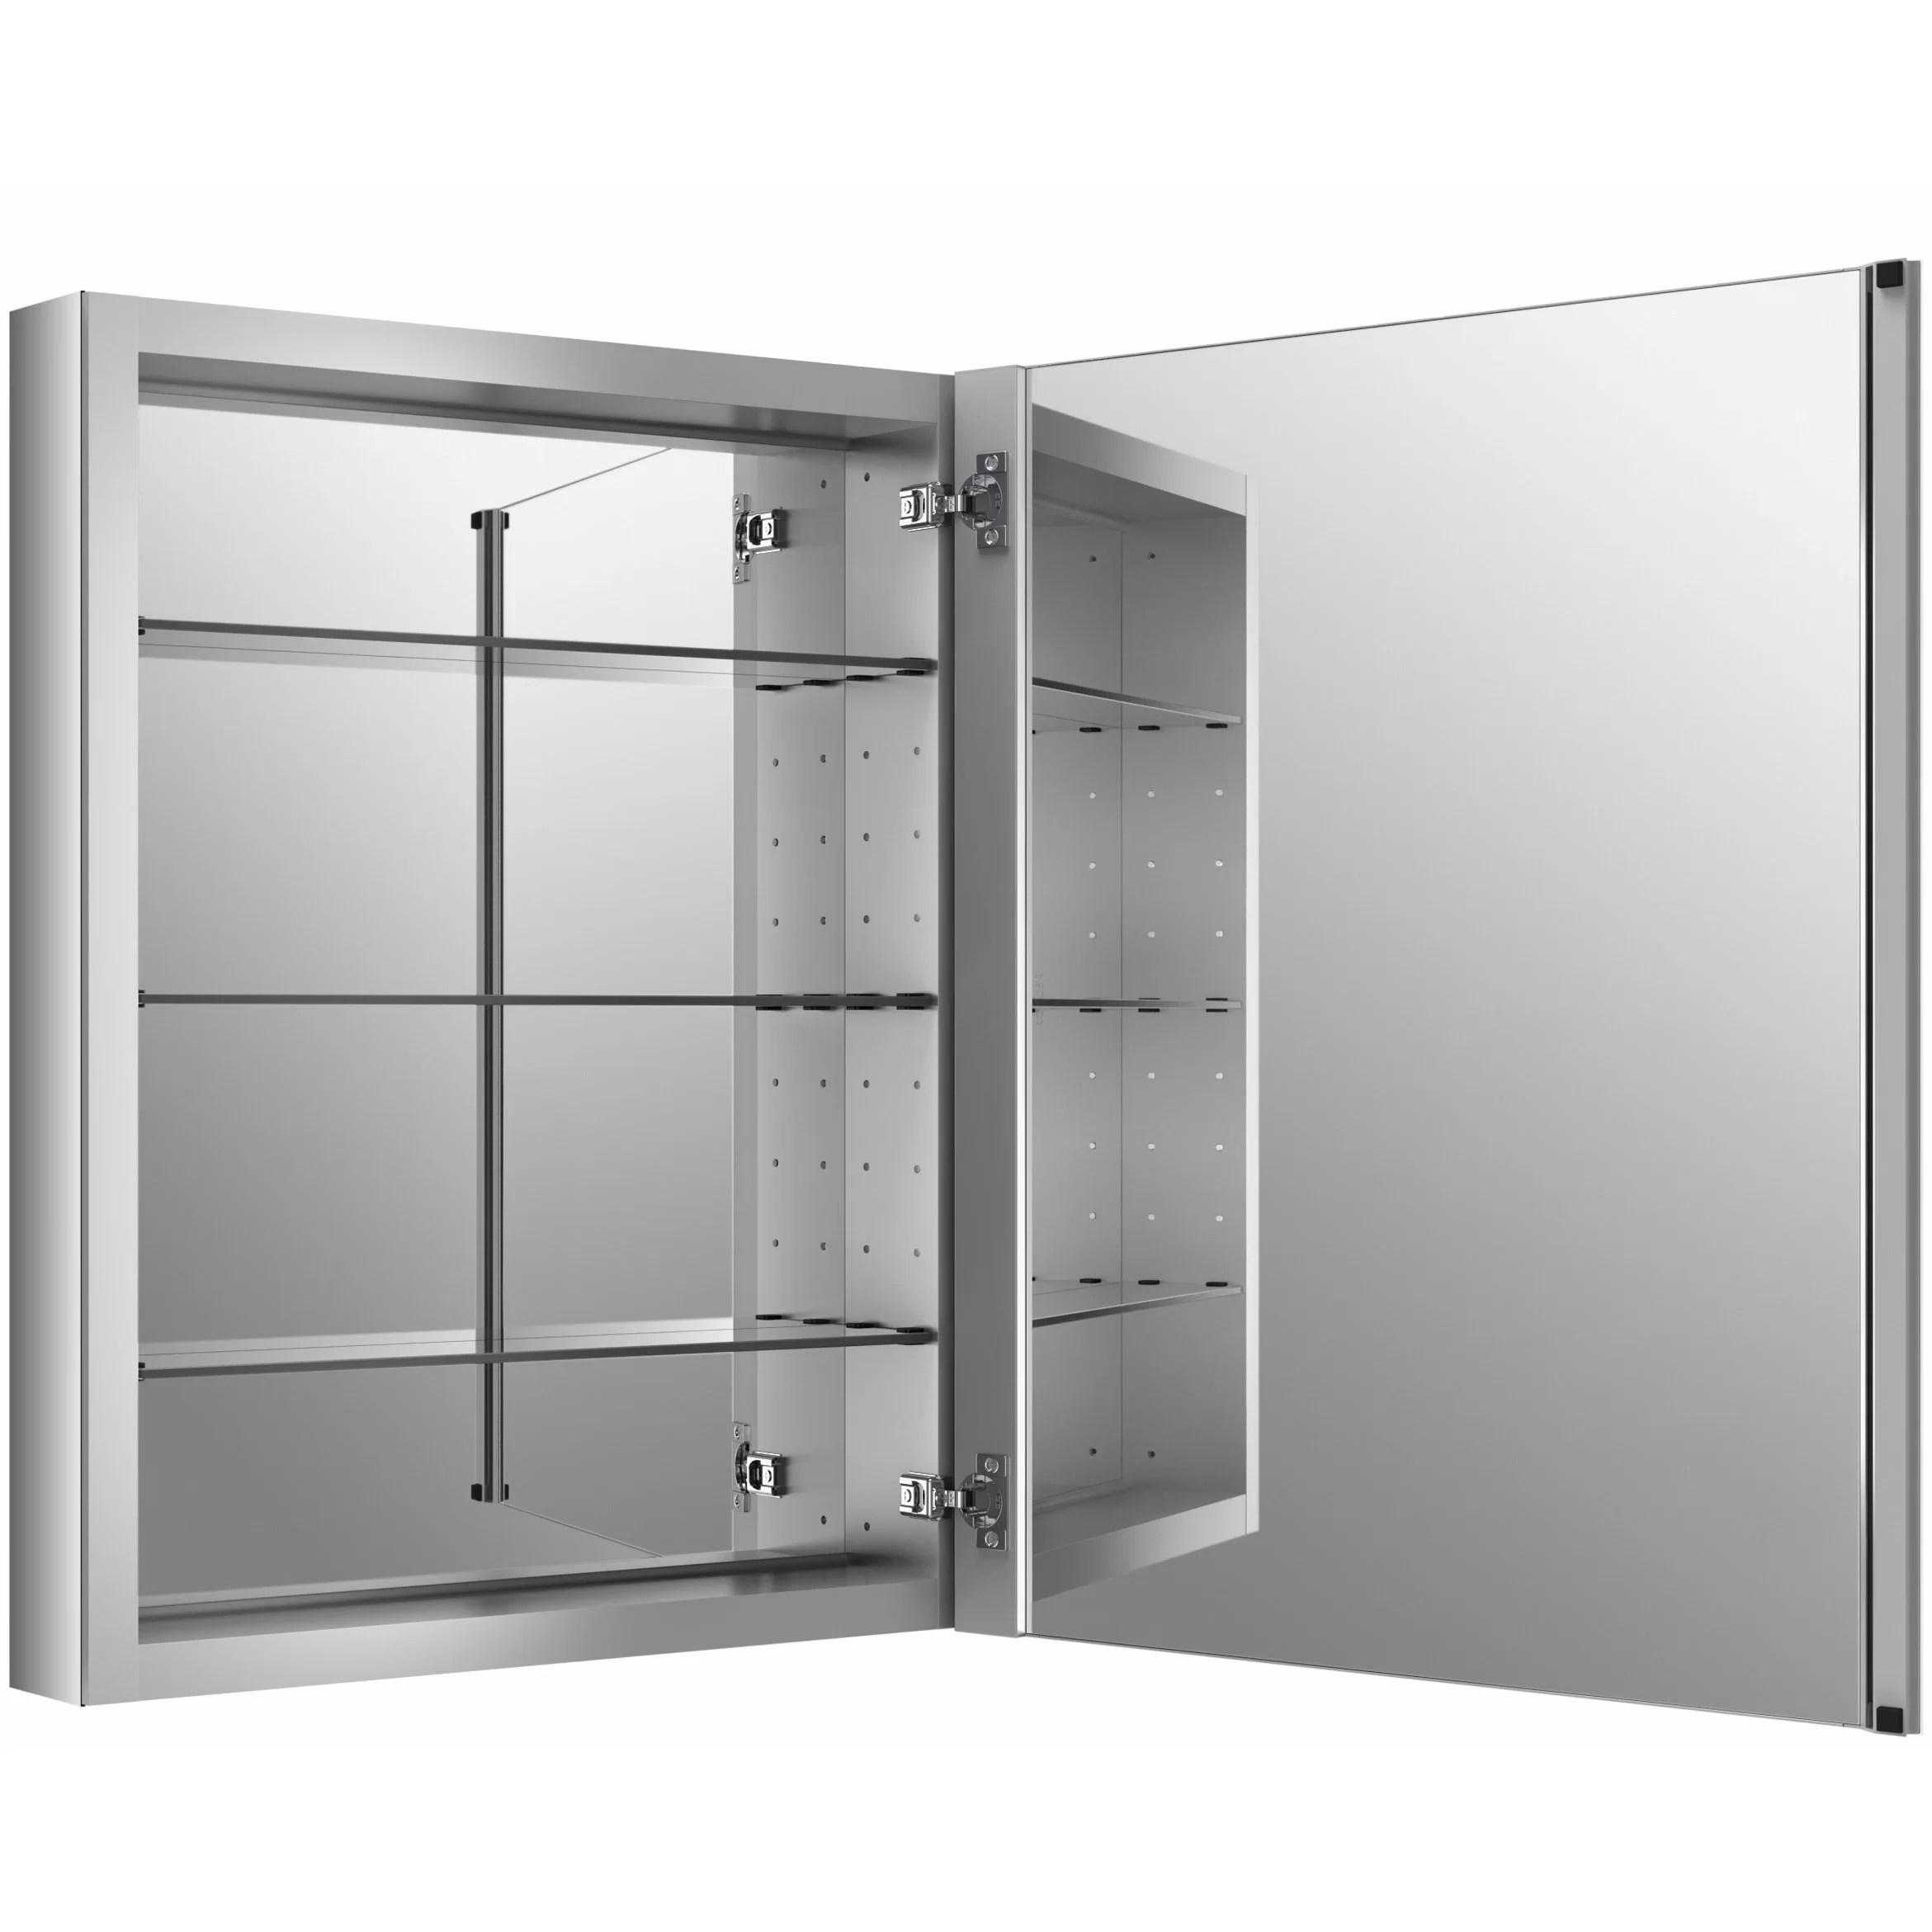 Kohler Verdera 24 W x 30 H Aluminum Medicine Cabinet